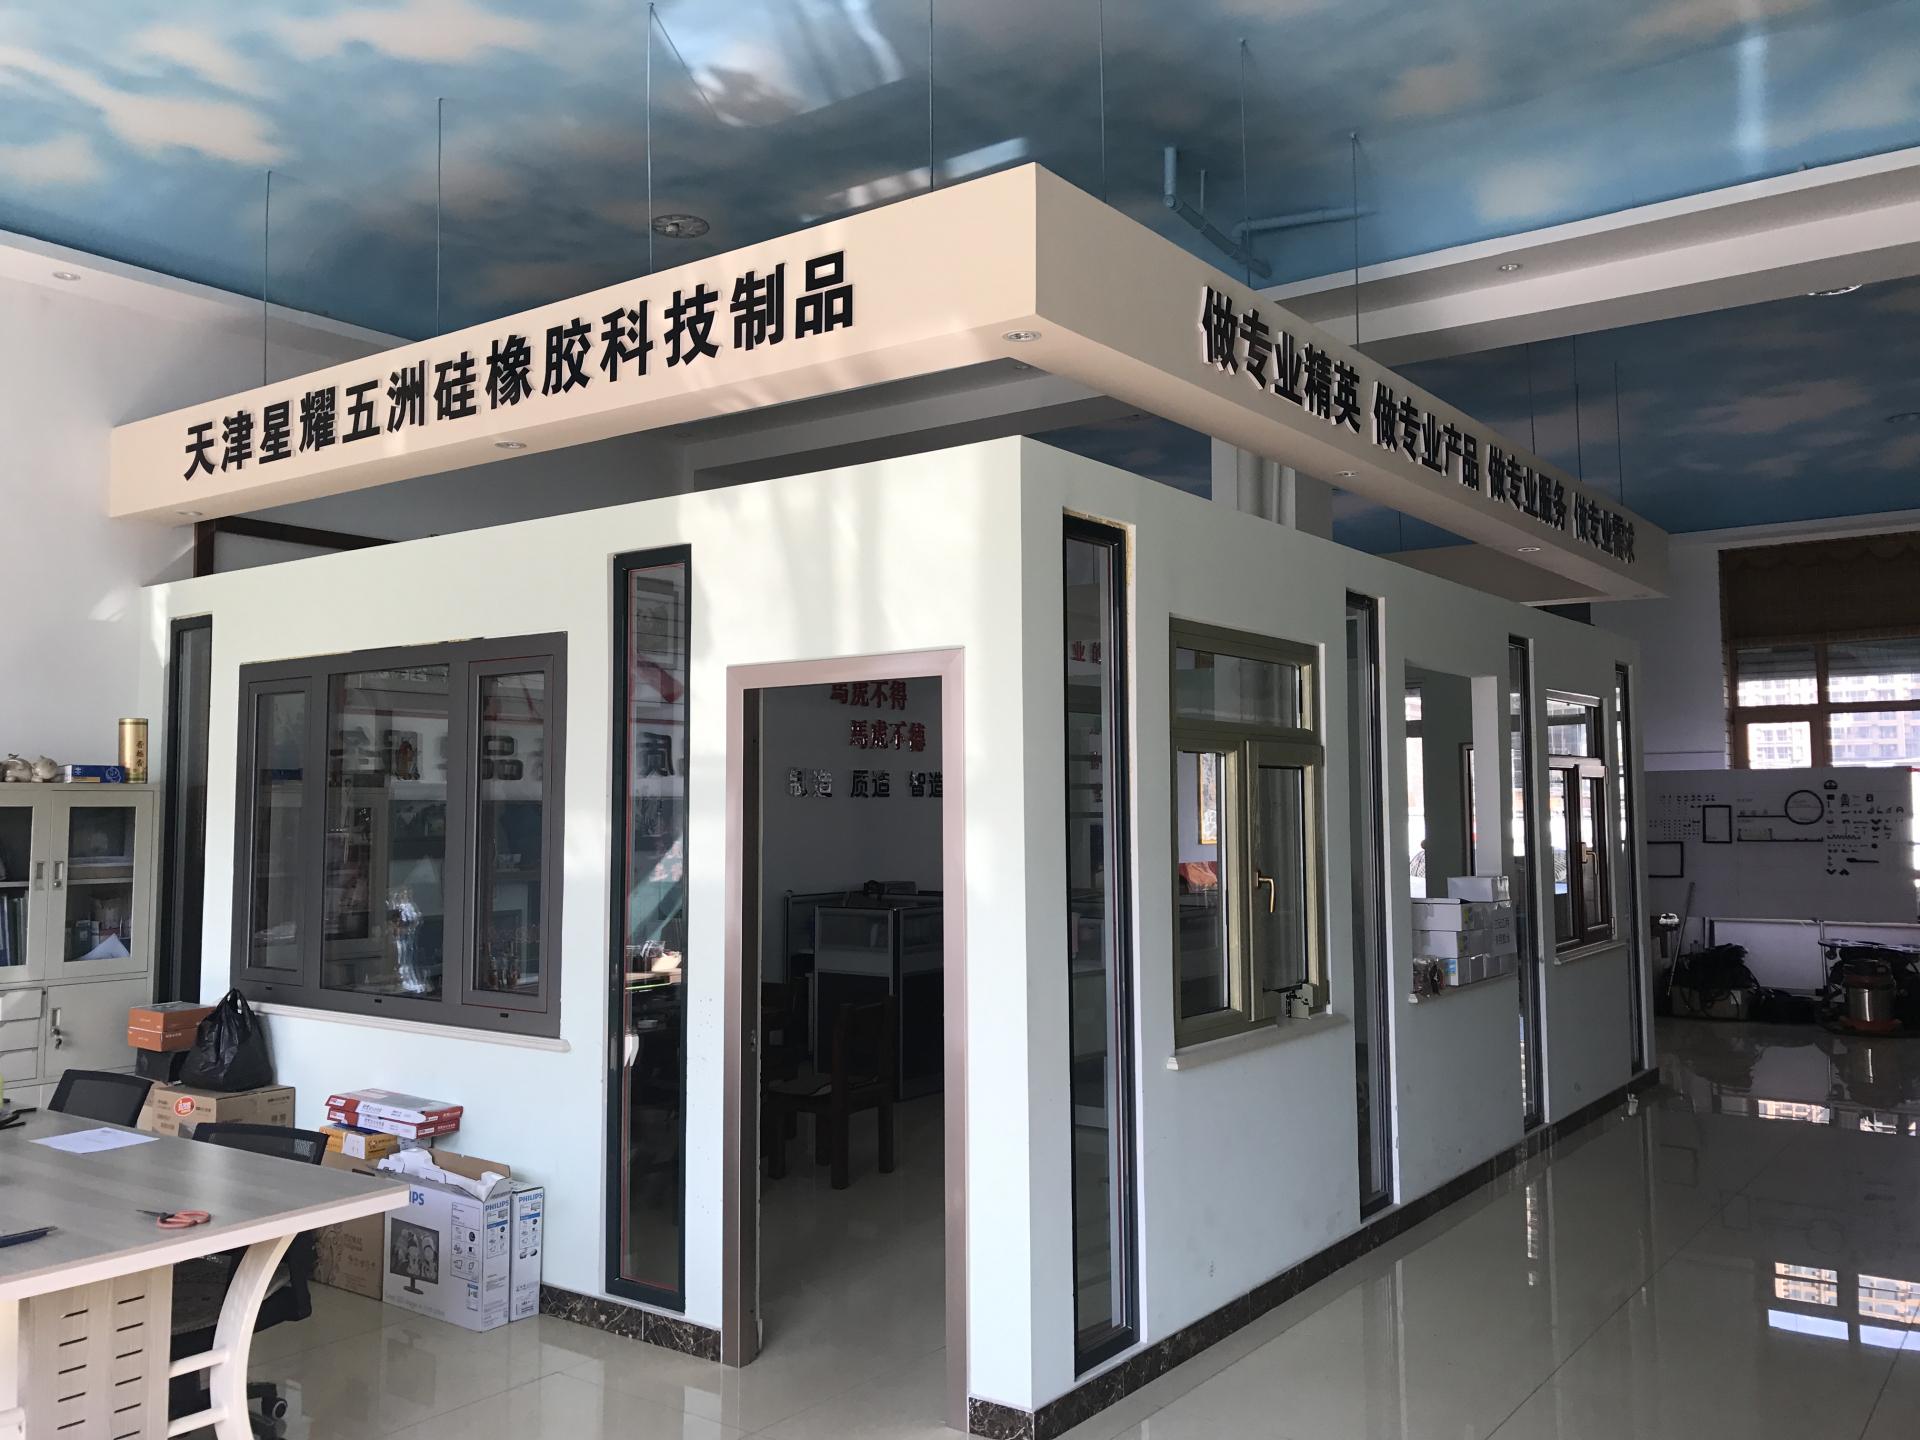 天津星耀五洲硅橡膠制品科技股份有限公司